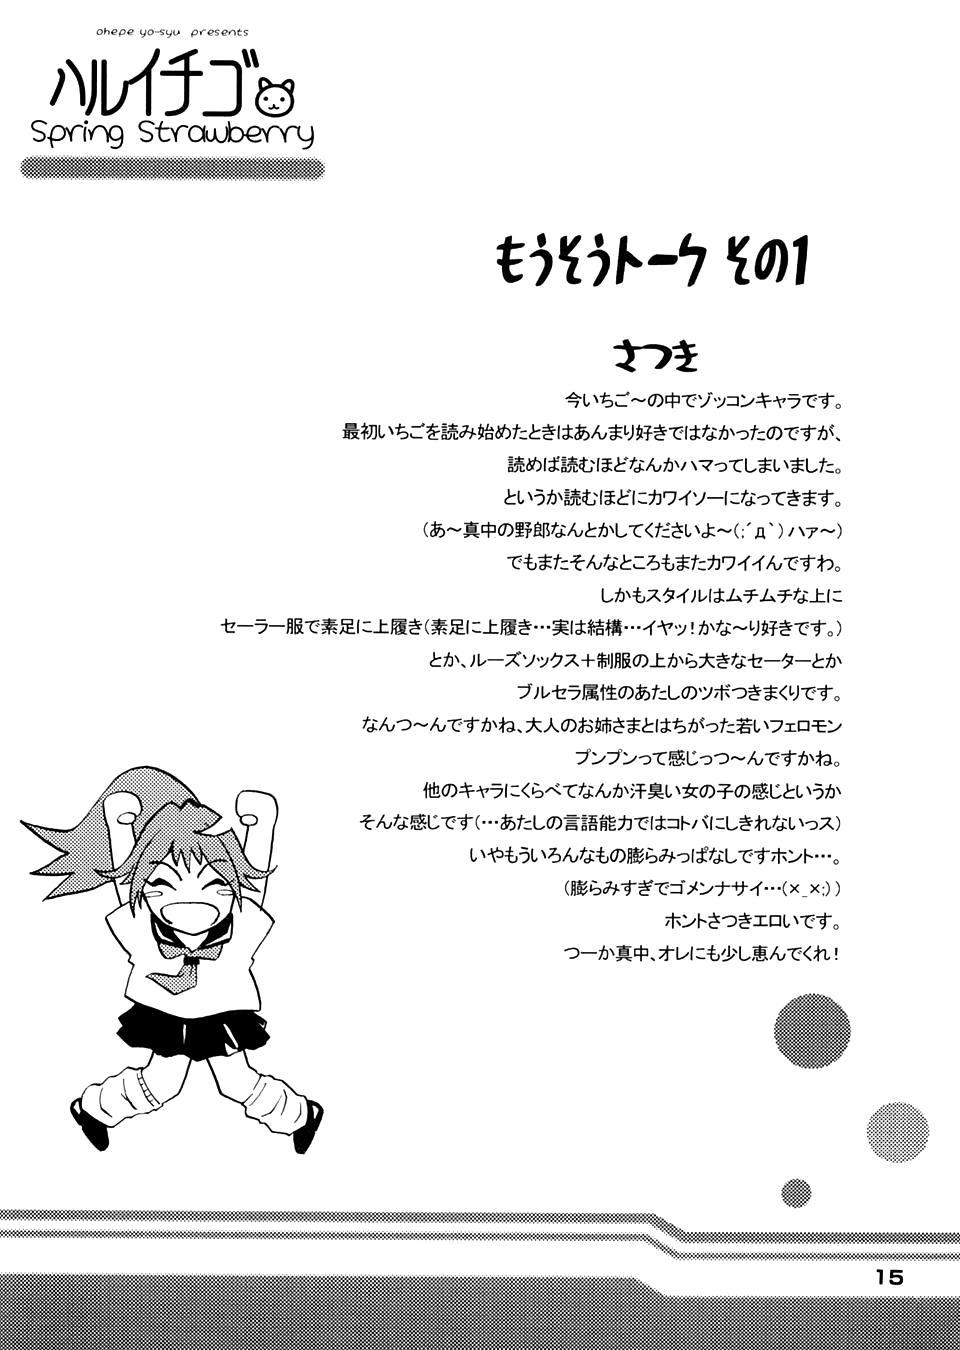 Haru Ichigo - Spring Strawberry 14